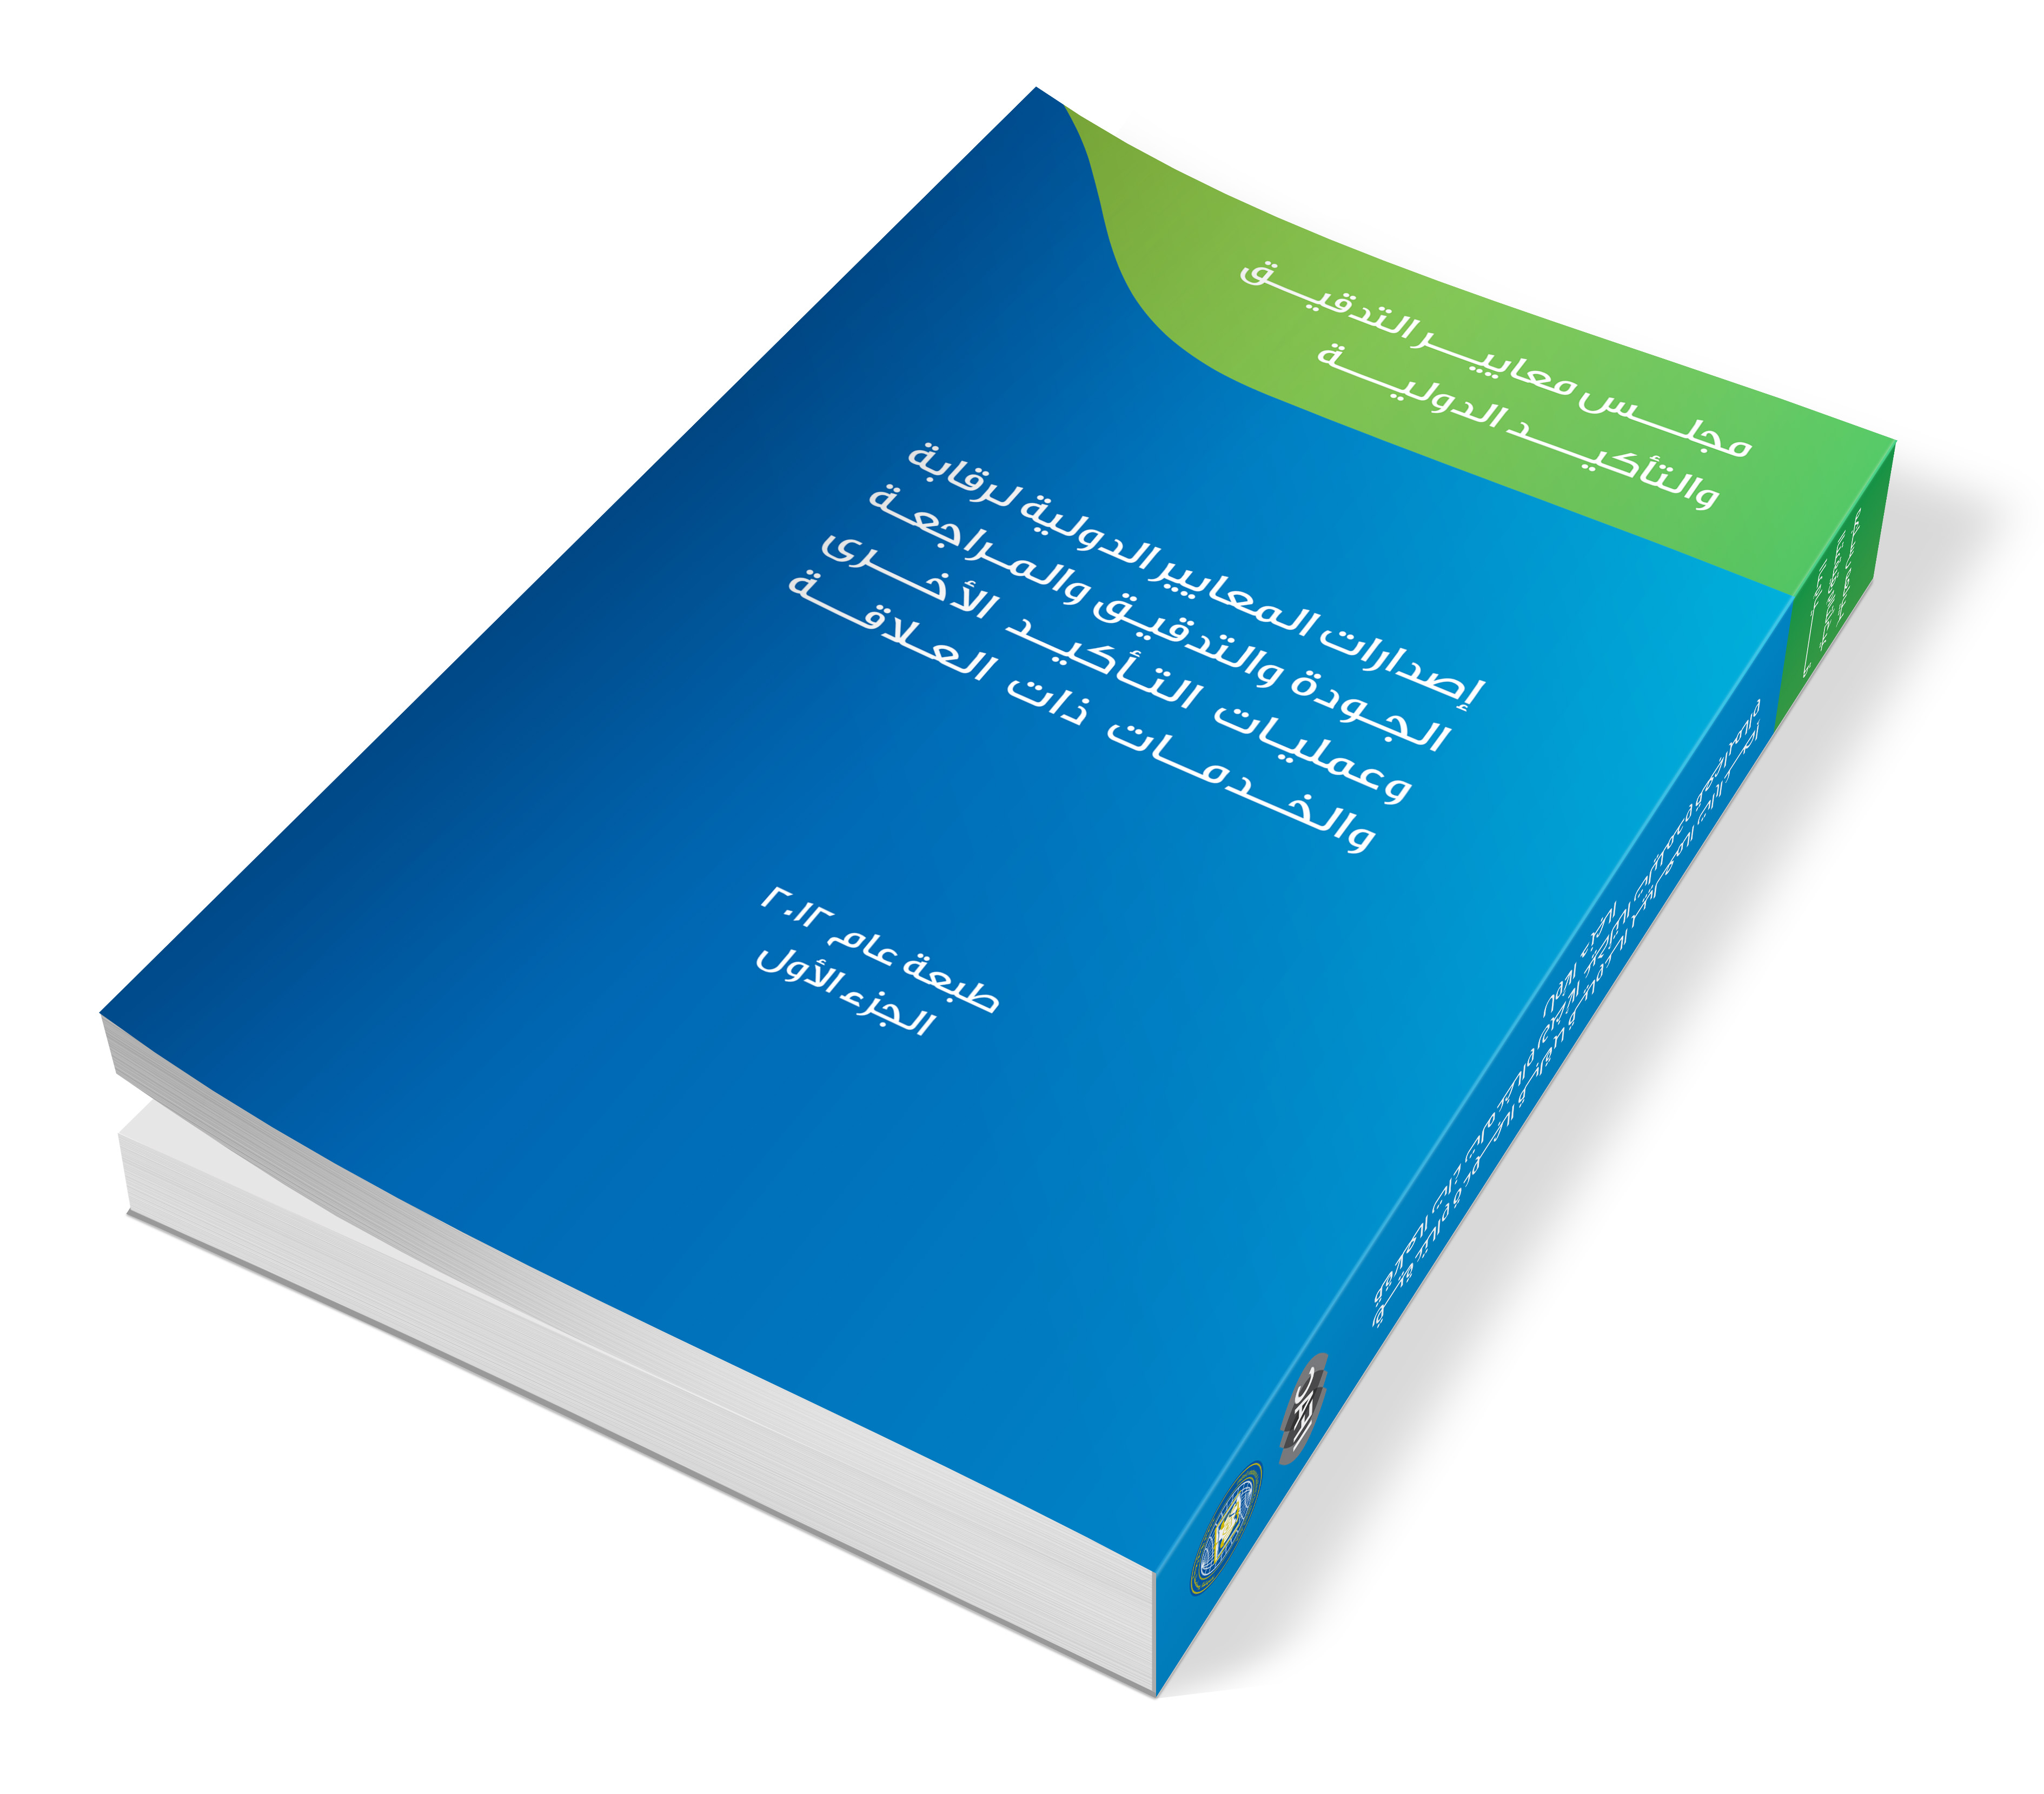 المعايير الدولية لرقابة الجودة والتدقيق والمراجعة وعمليات التأكيد الأخرى والخدمات ذات العلاقة 2012